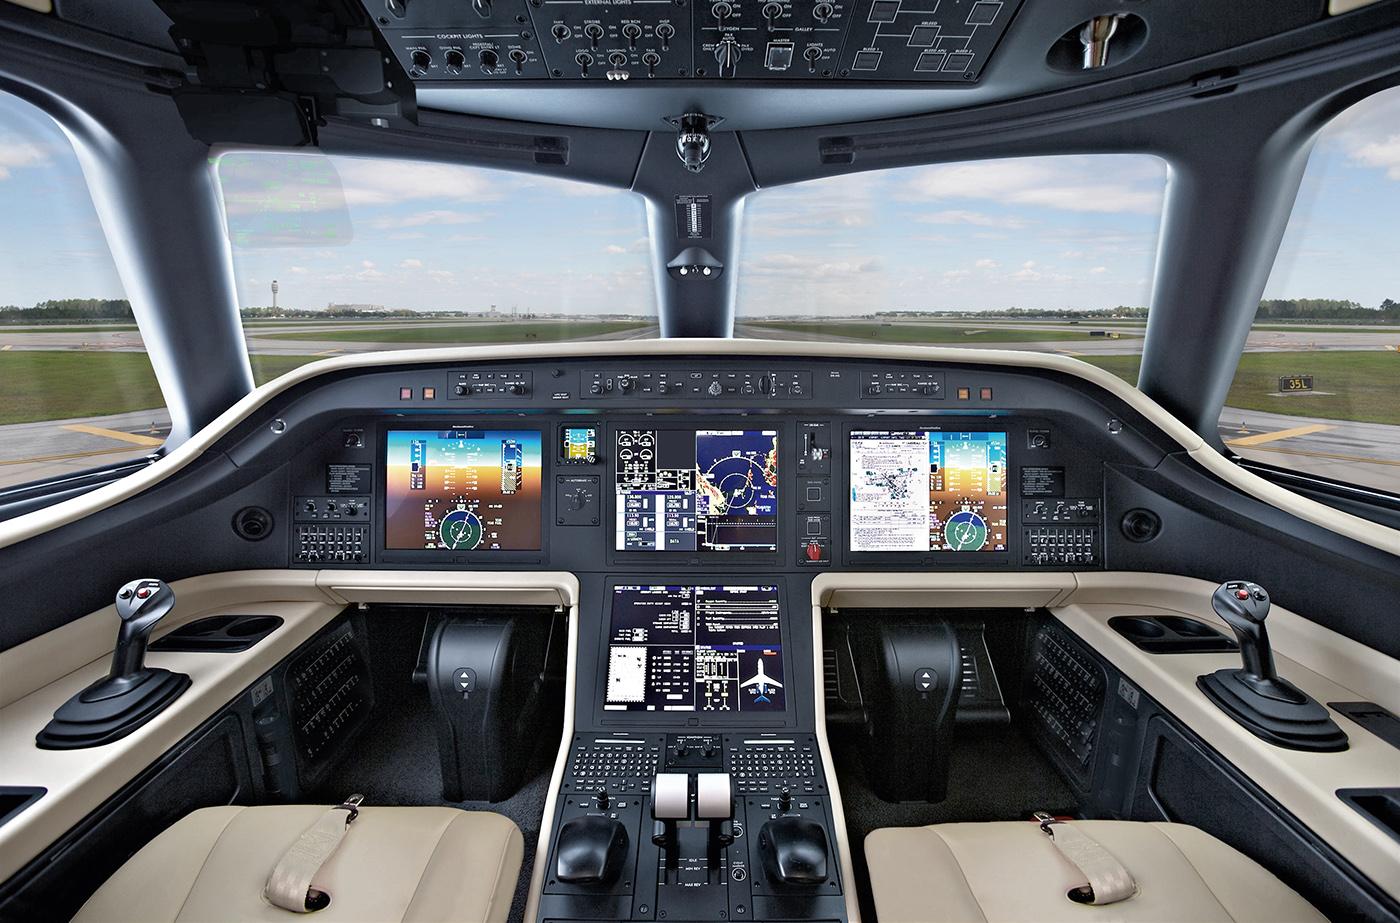 Embraer PRAETOR 600 Privatjet-Charter EMBRAER PRAETOR 600 PRIVATE JET HIRE EMBRAER PRIVATE CHARTER MLKJETS3 1 - Verkauf von Privatjets